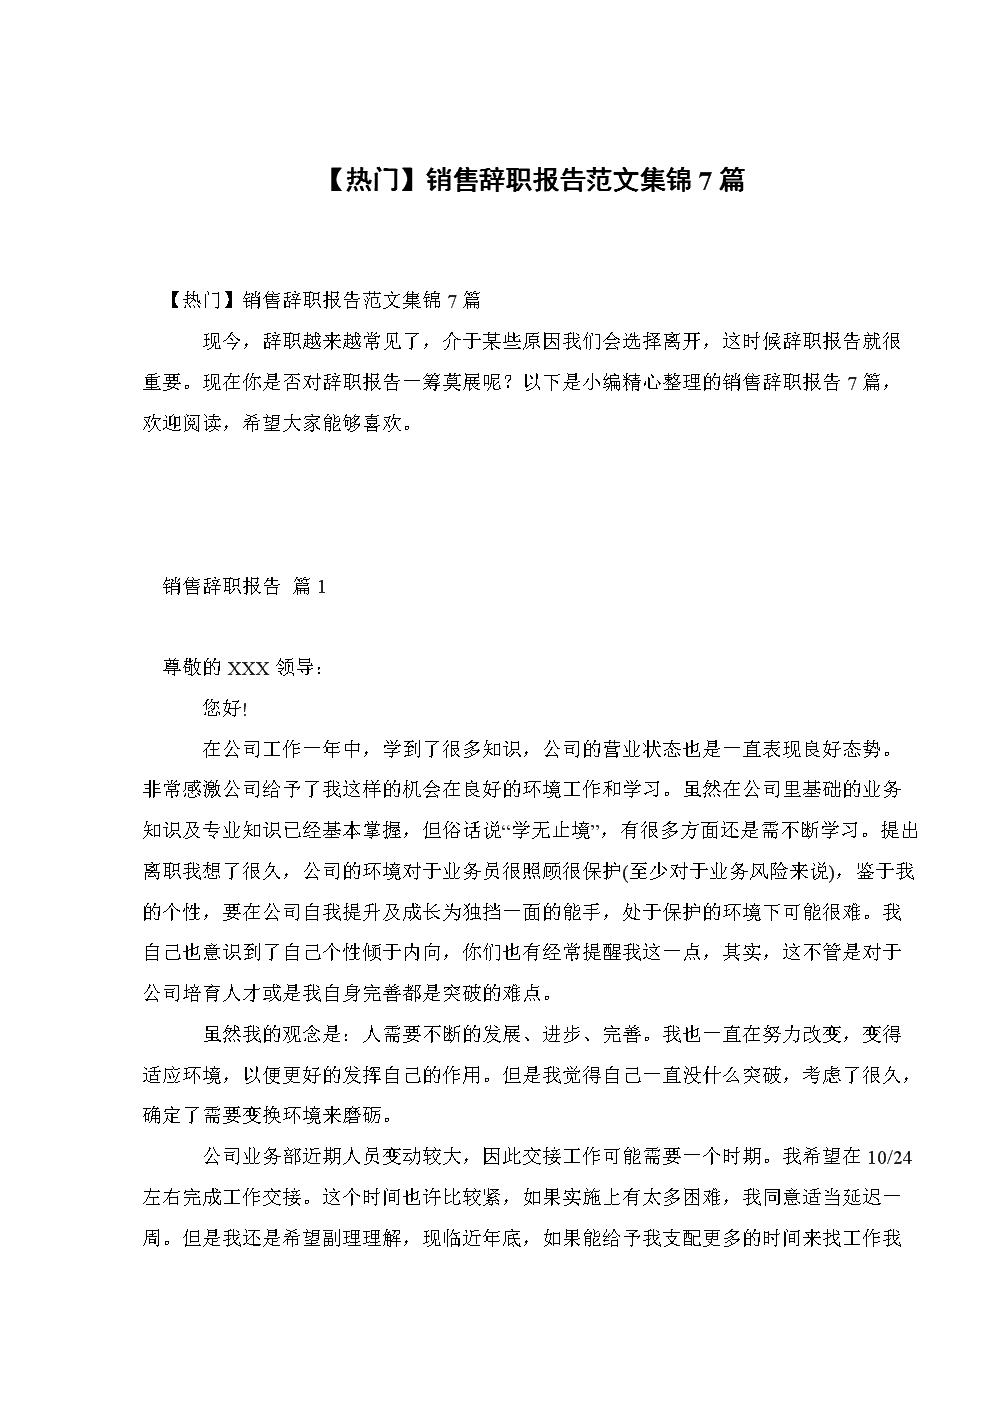 【热门】销售辞职报告范文集锦7篇.doc